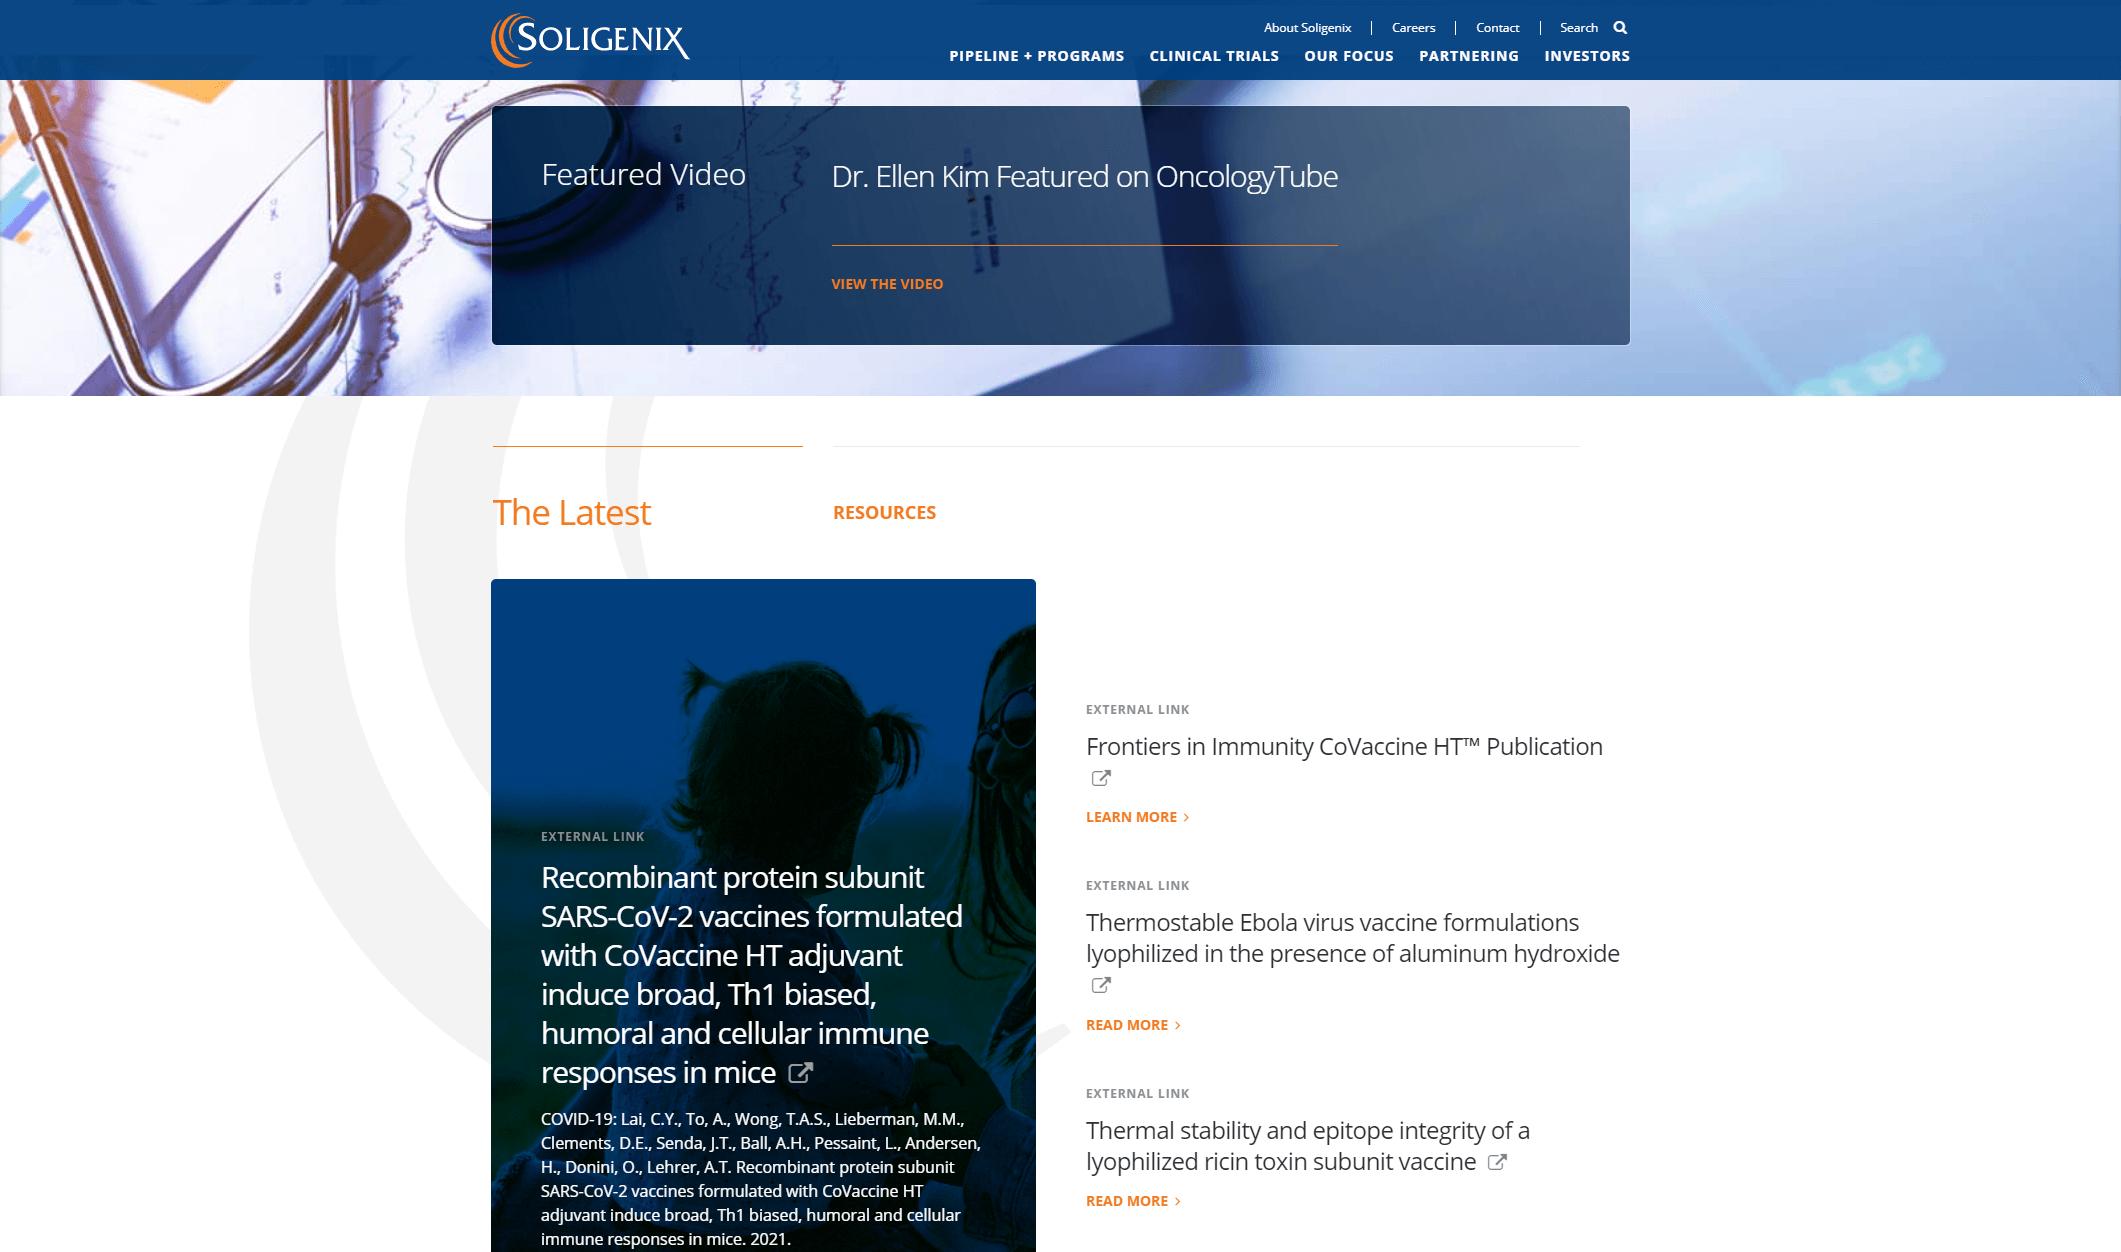 www.soligenix.com-2